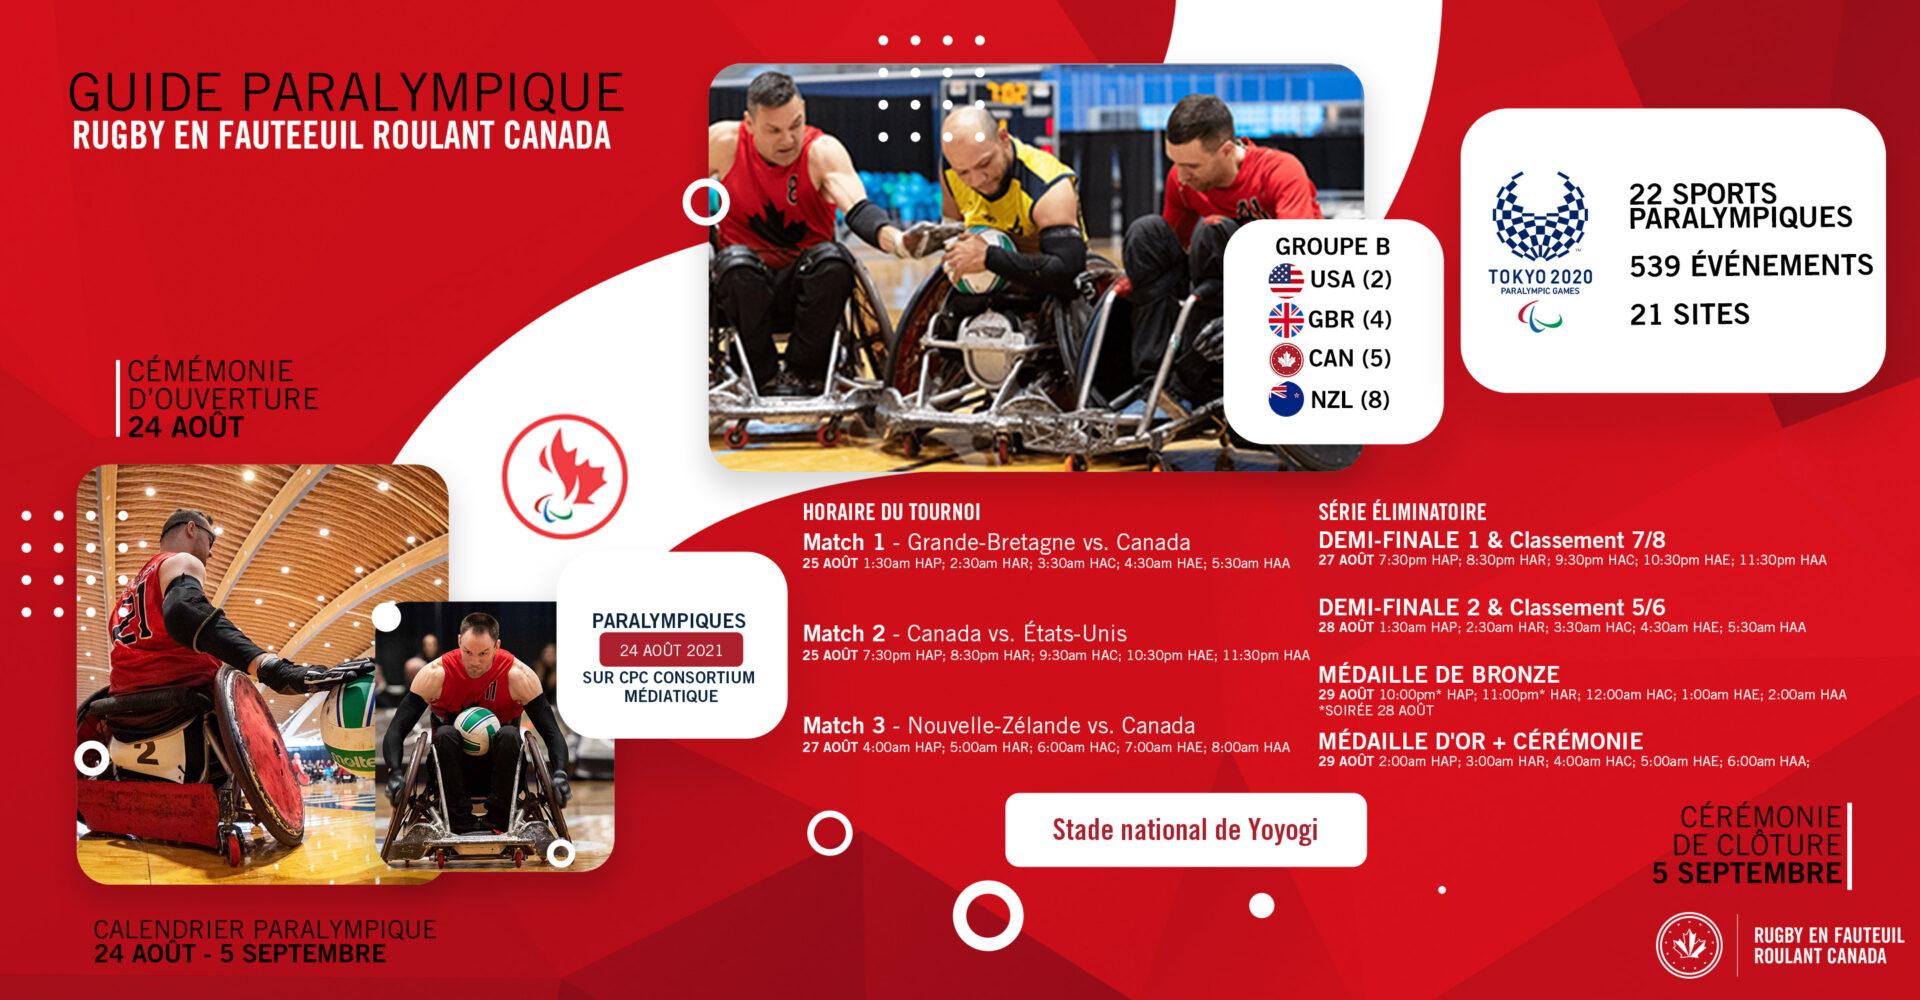 Guide paralympique de rugby en fauteuil roulant